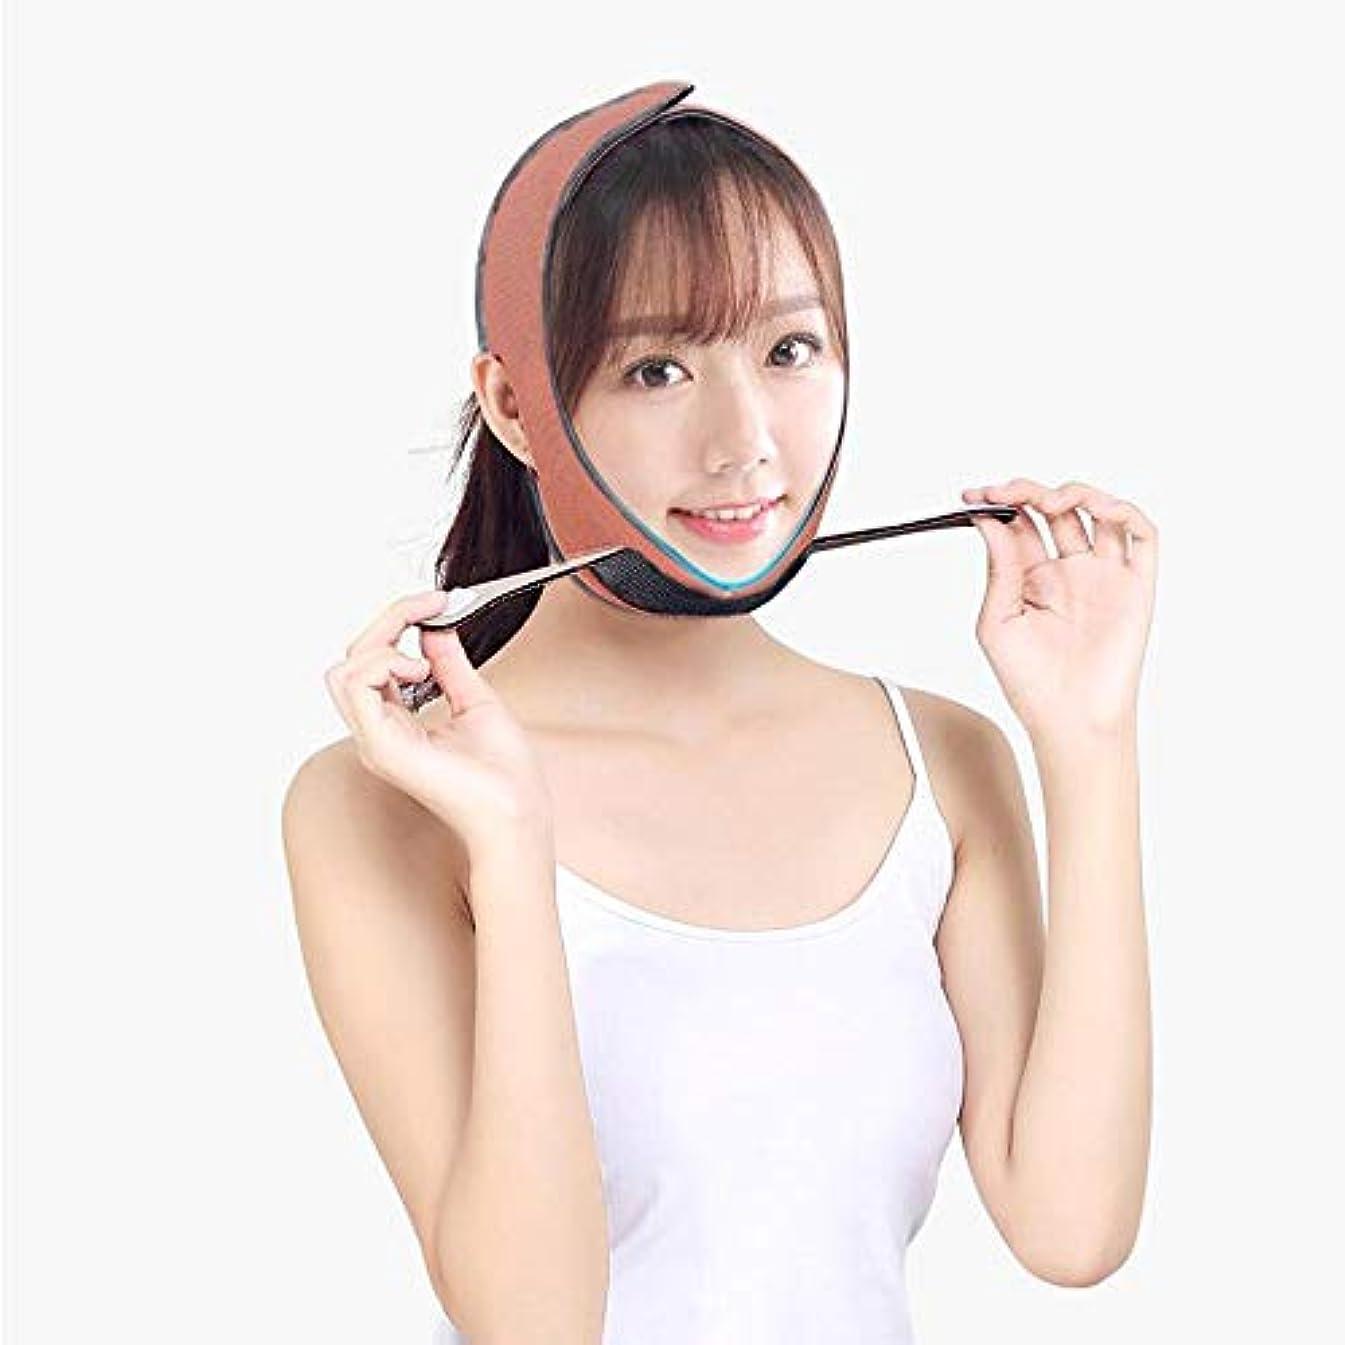 債権者ハミングバード黒くするJia Jia- フェイシャルリフティングスリミングベルト - 薄いフェイス包帯Vフェイス包帯マスクフェイシャルマッサージャー無料整形マスク顔と首の顔を引き締めますスリム 顔面包帯